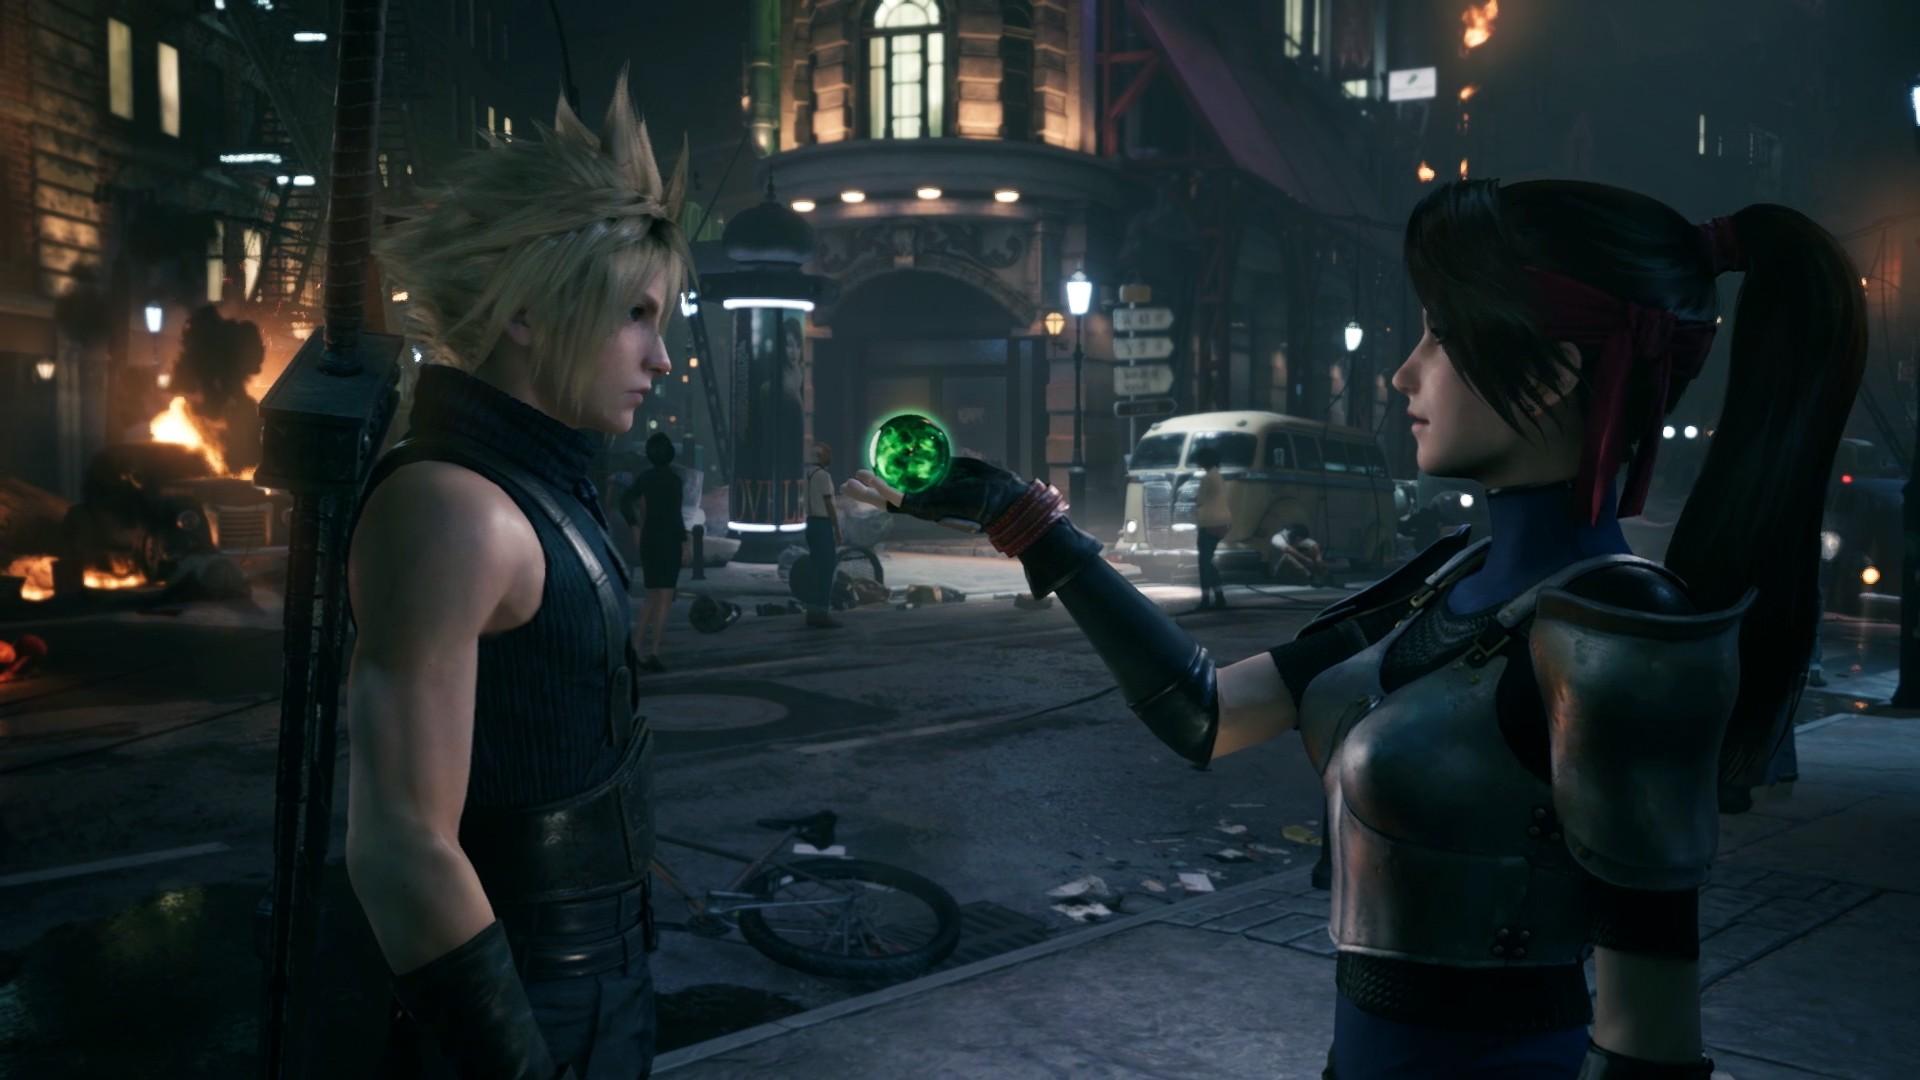 Авторы ремейка Final Fantasy VII показали новый гемплей с боями и мини-игрой